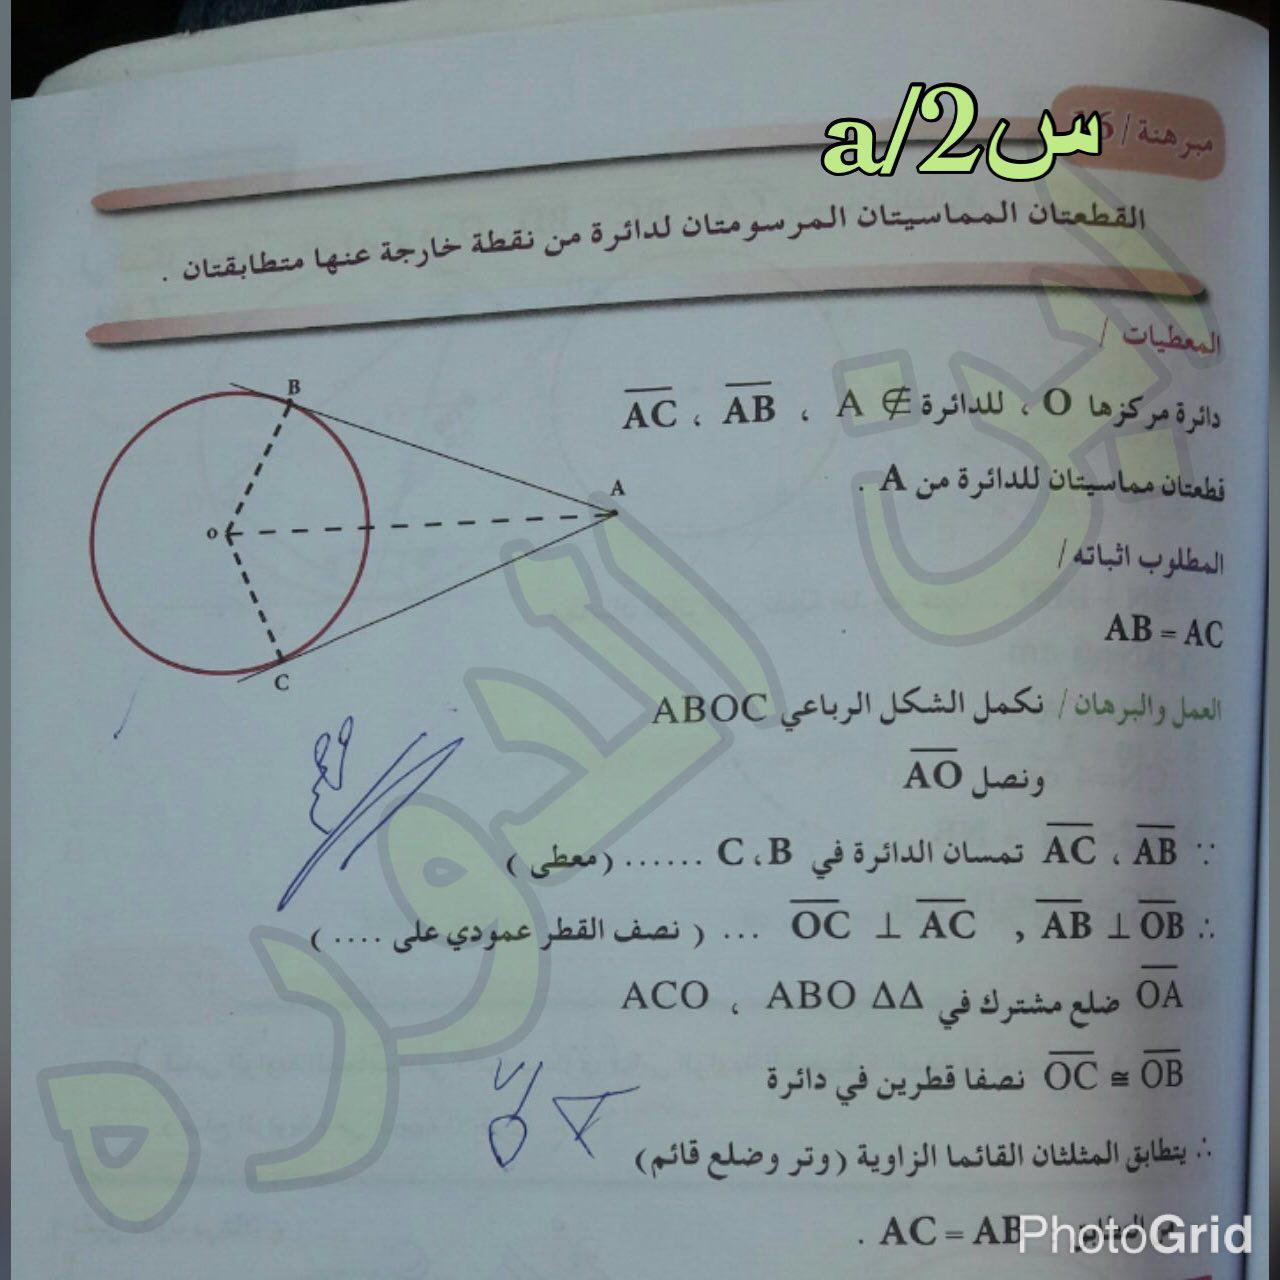 مهم اجوبة امتحان الرياضيات التمهيدي للثالث المتوسط 2017 Photo_2017-02-06_11-44-35